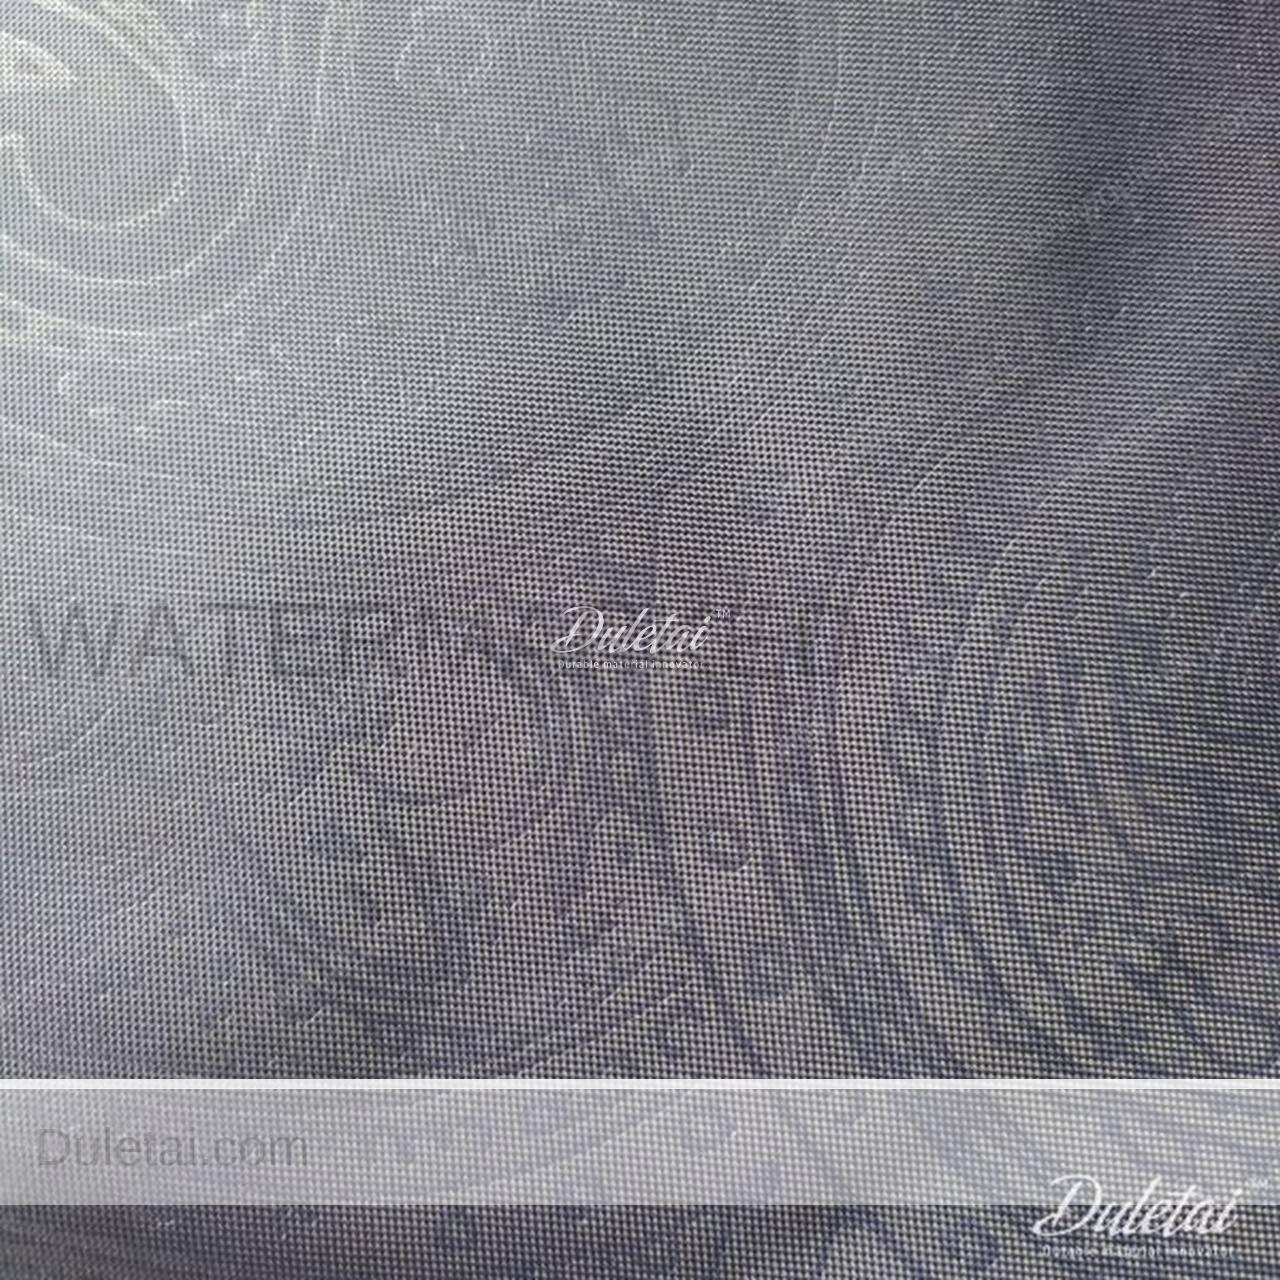 paisley pattern oxford fabric